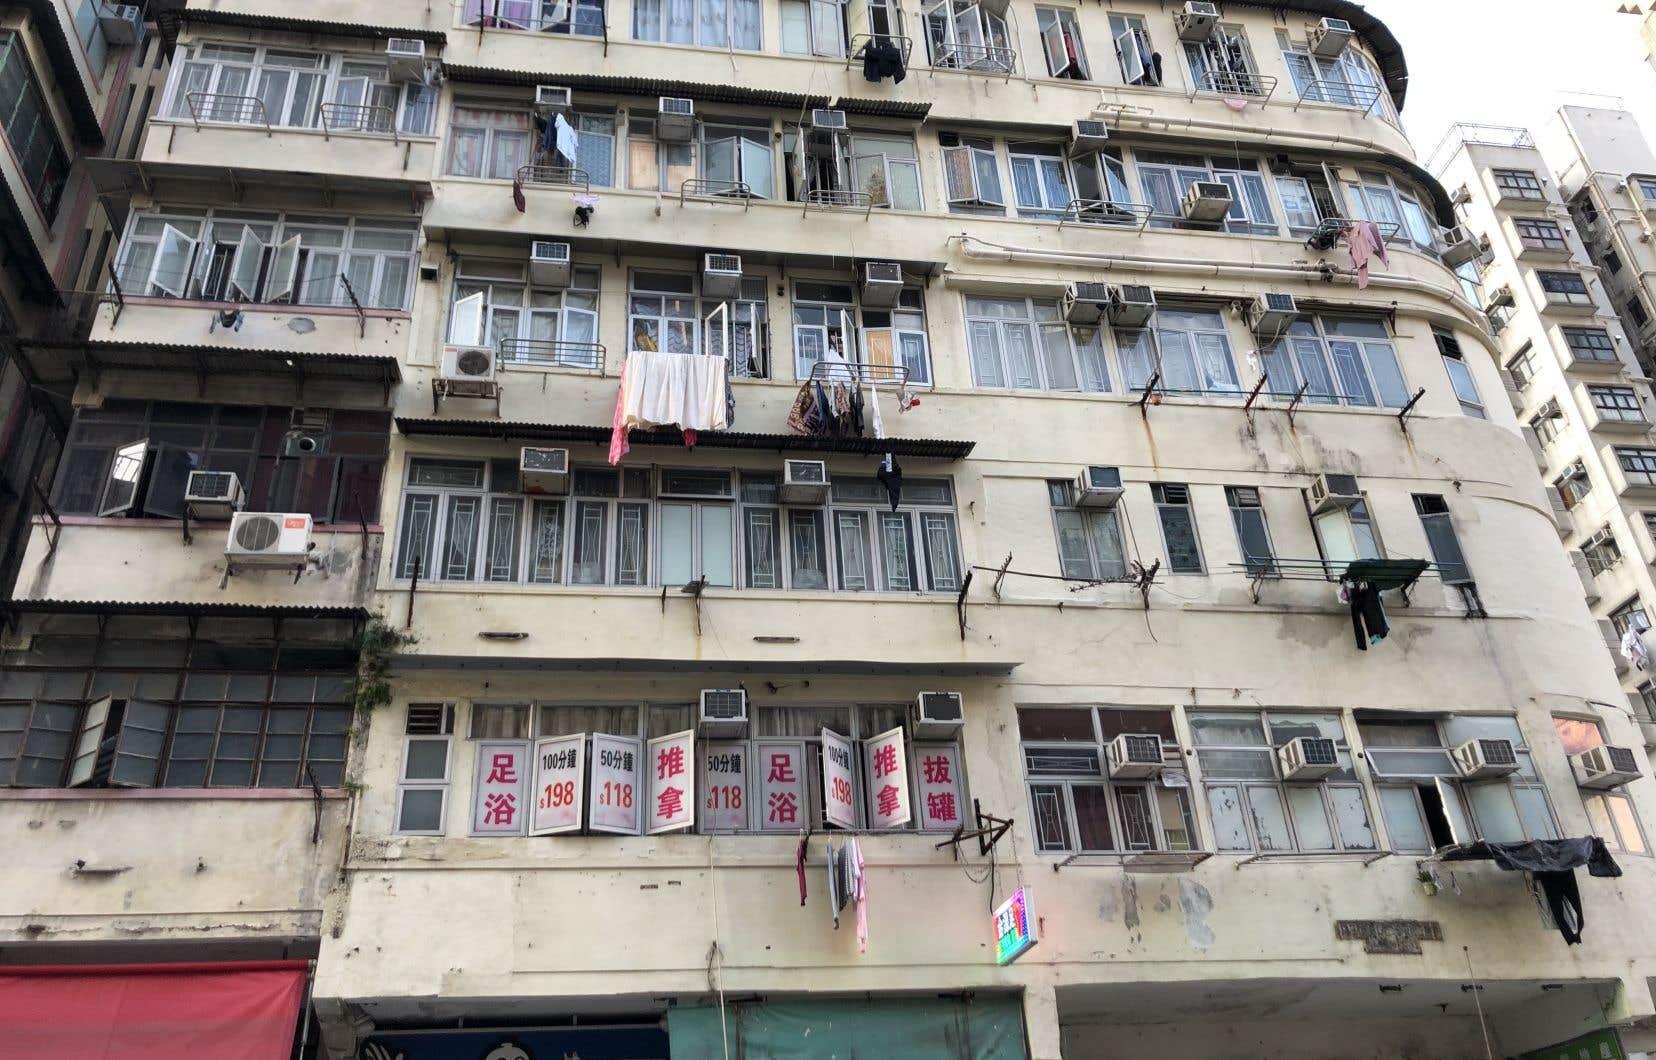 Un immeuble historique d'unités subdivisées. On note les climatiseurs aux fenêtres.